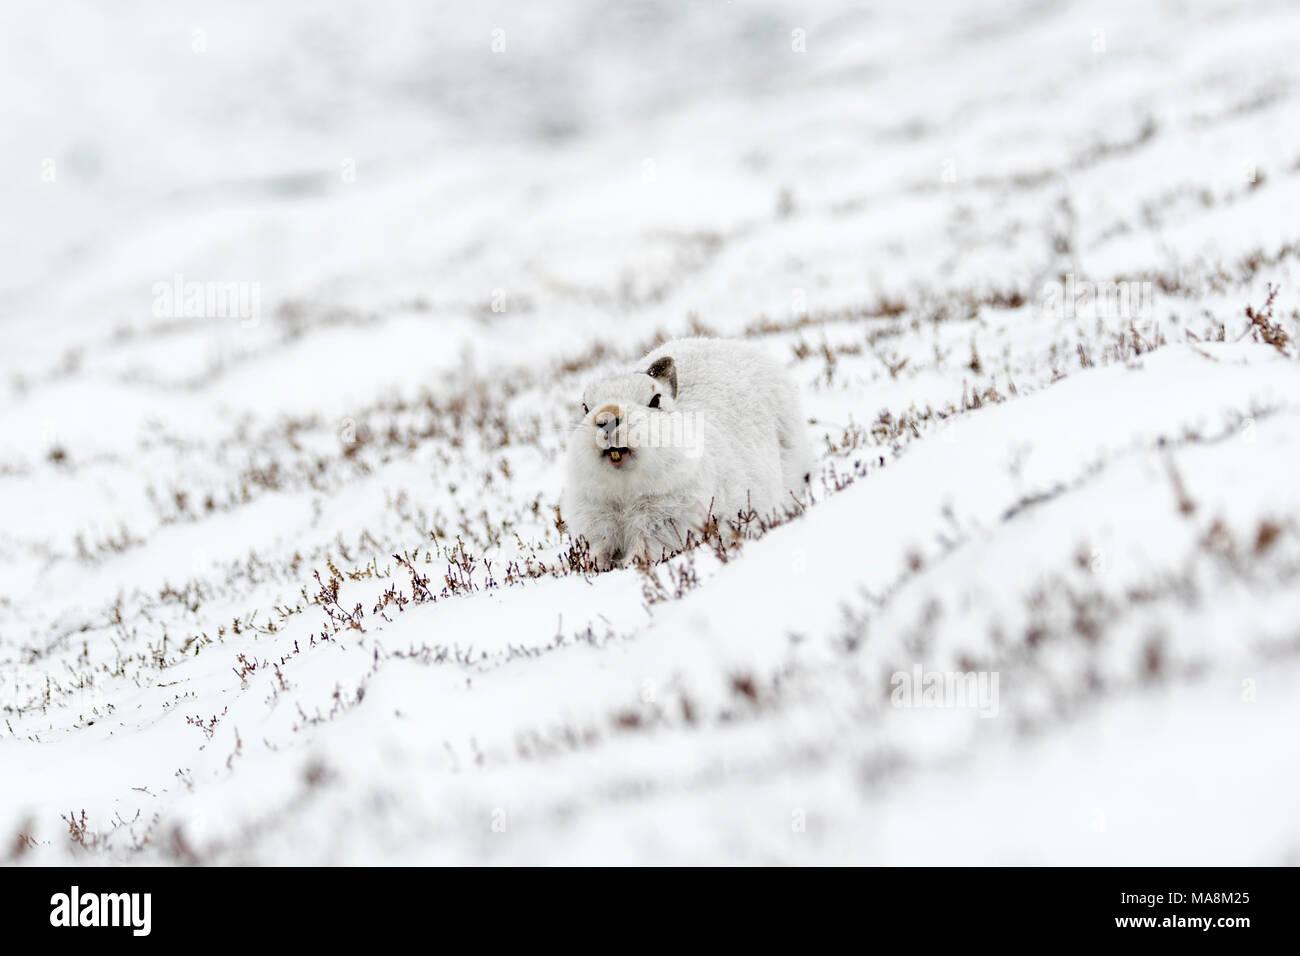 Lièvre variable (Lepus timidus) sur une colline couverte de neige dans les Highlands écossais, mars 2018 Photo Stock